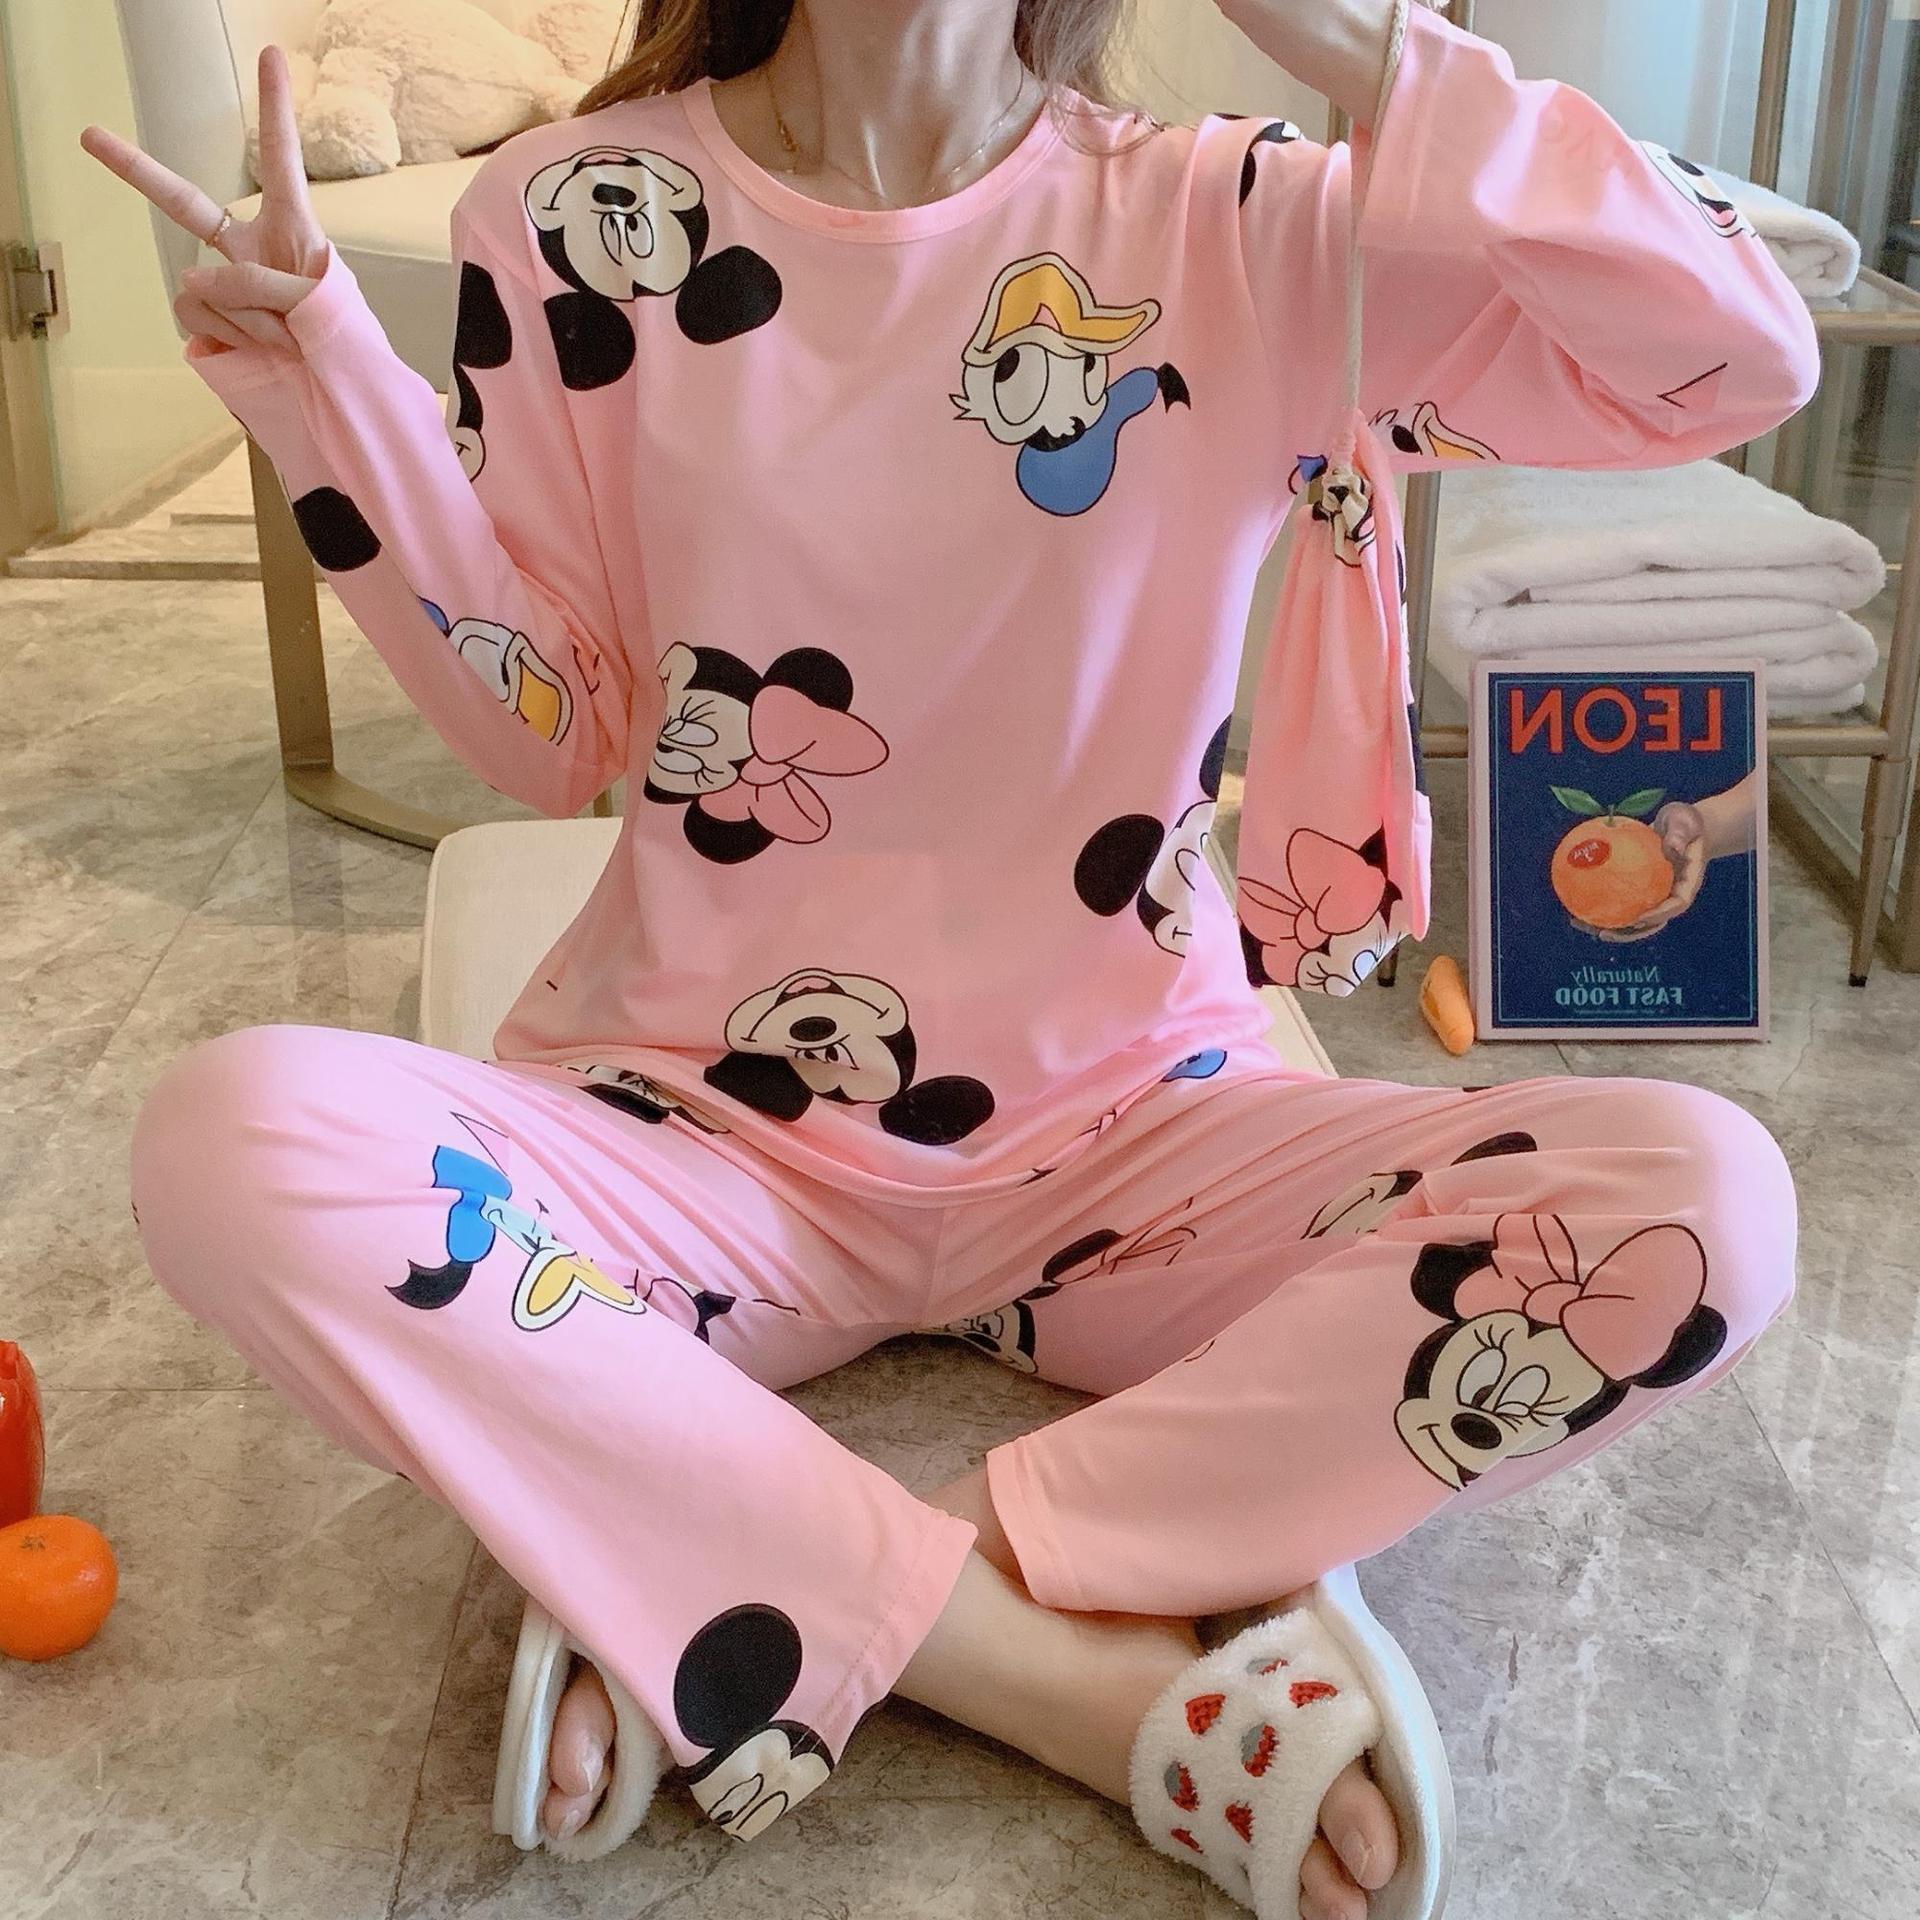 Low Price Cloth Bag Pajamas Women's Spring New Style Cartoon Mickey Storage Bag Pajamas Three-piece Set Southeast Asia